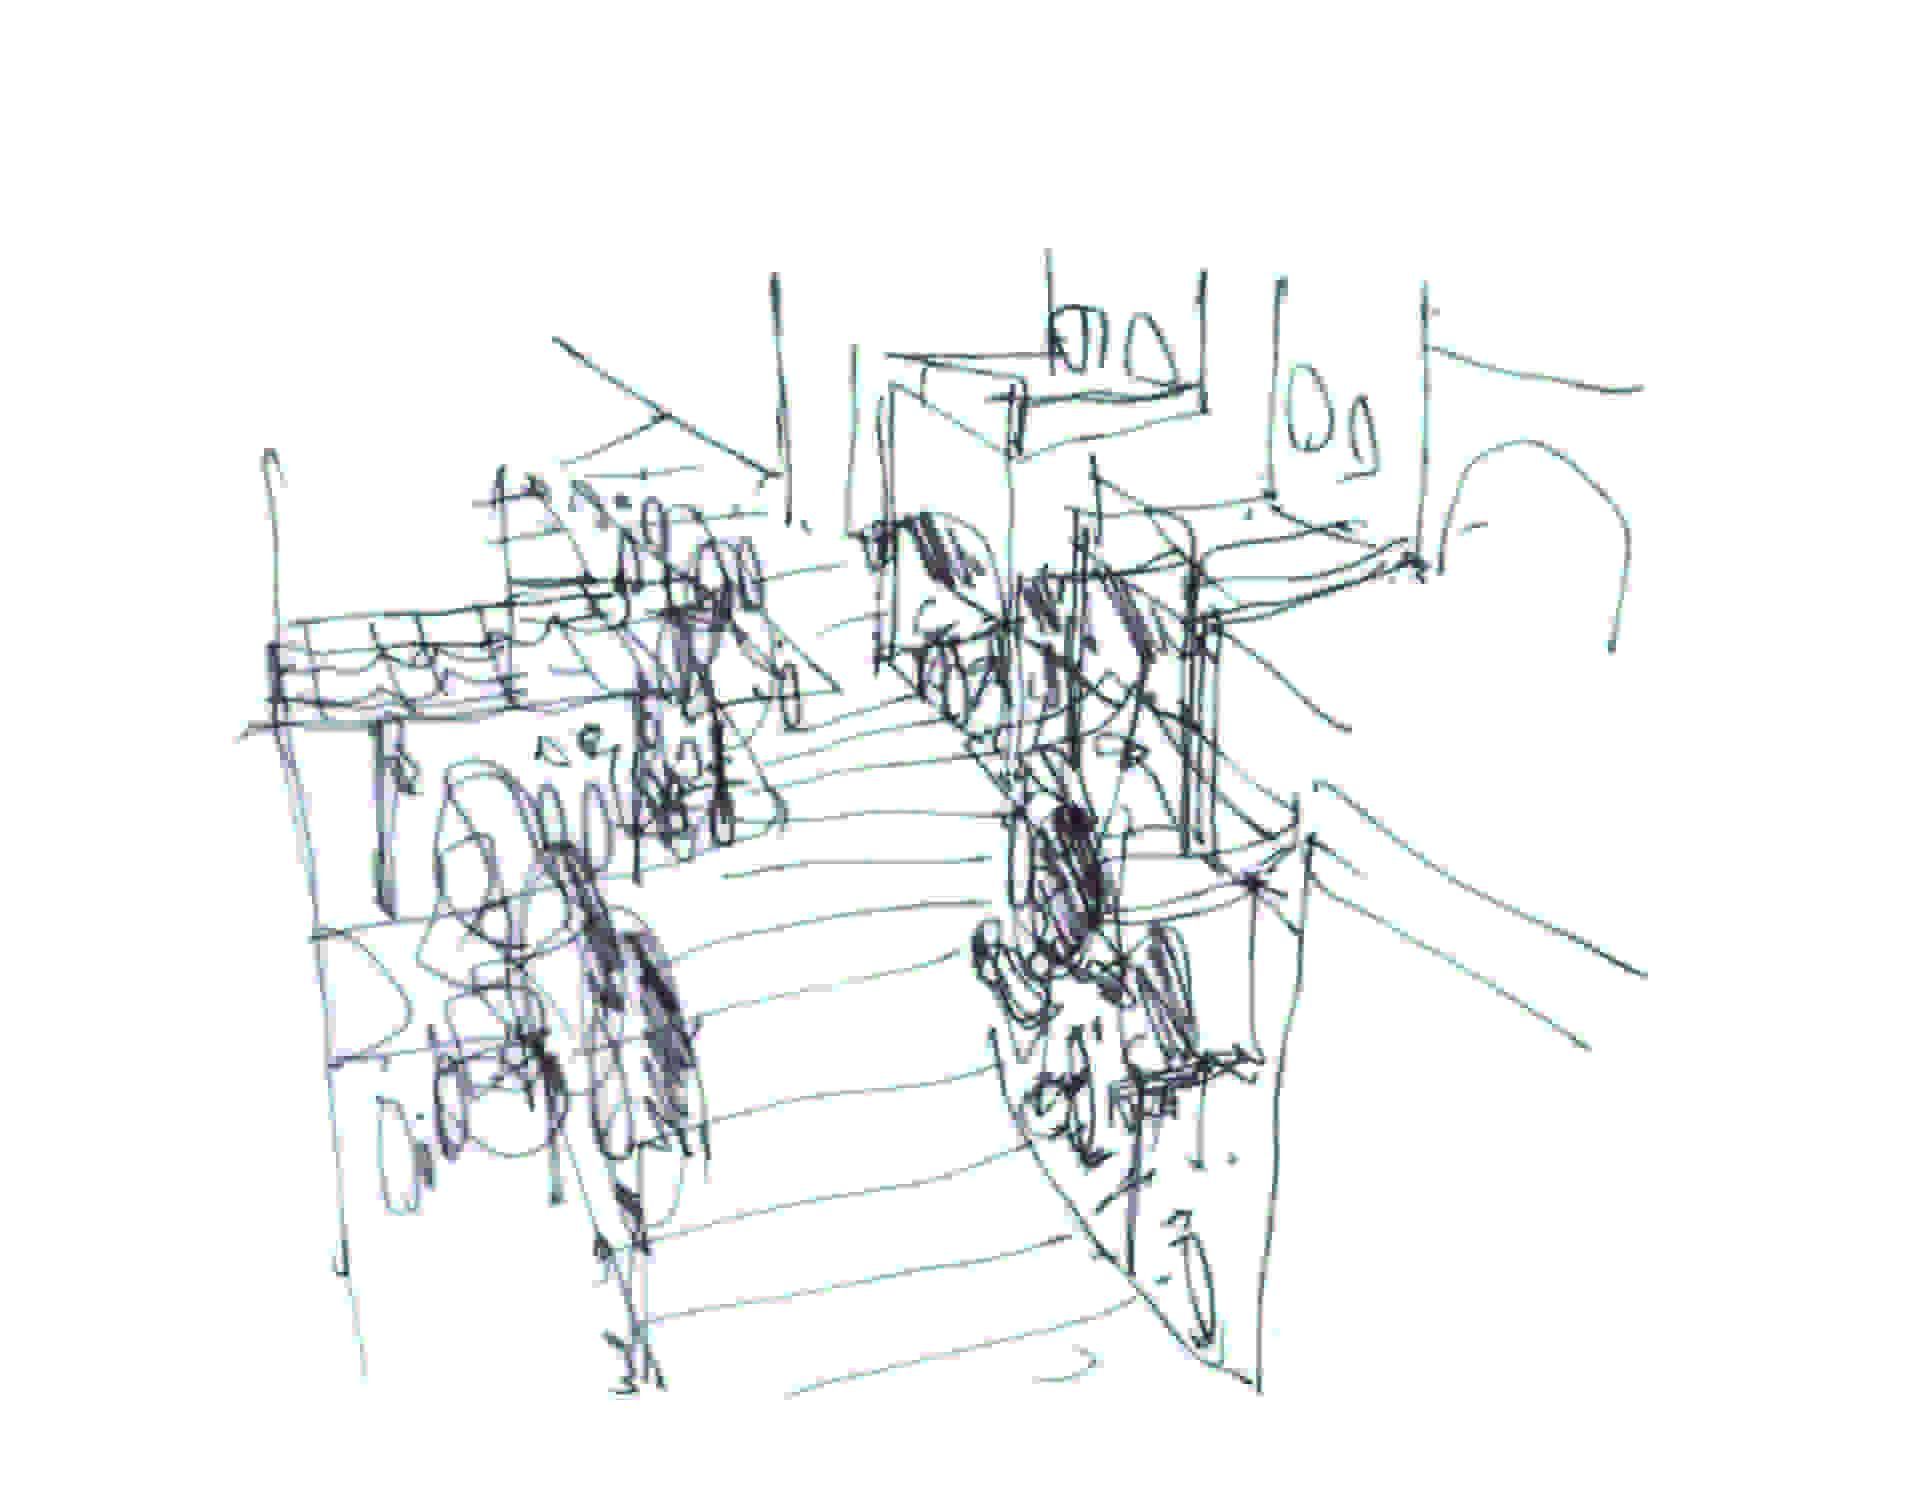 Lombardini22 réalise la nouvelle entrée et la nouvelle aire de restauration de l'outlet de Valmontone